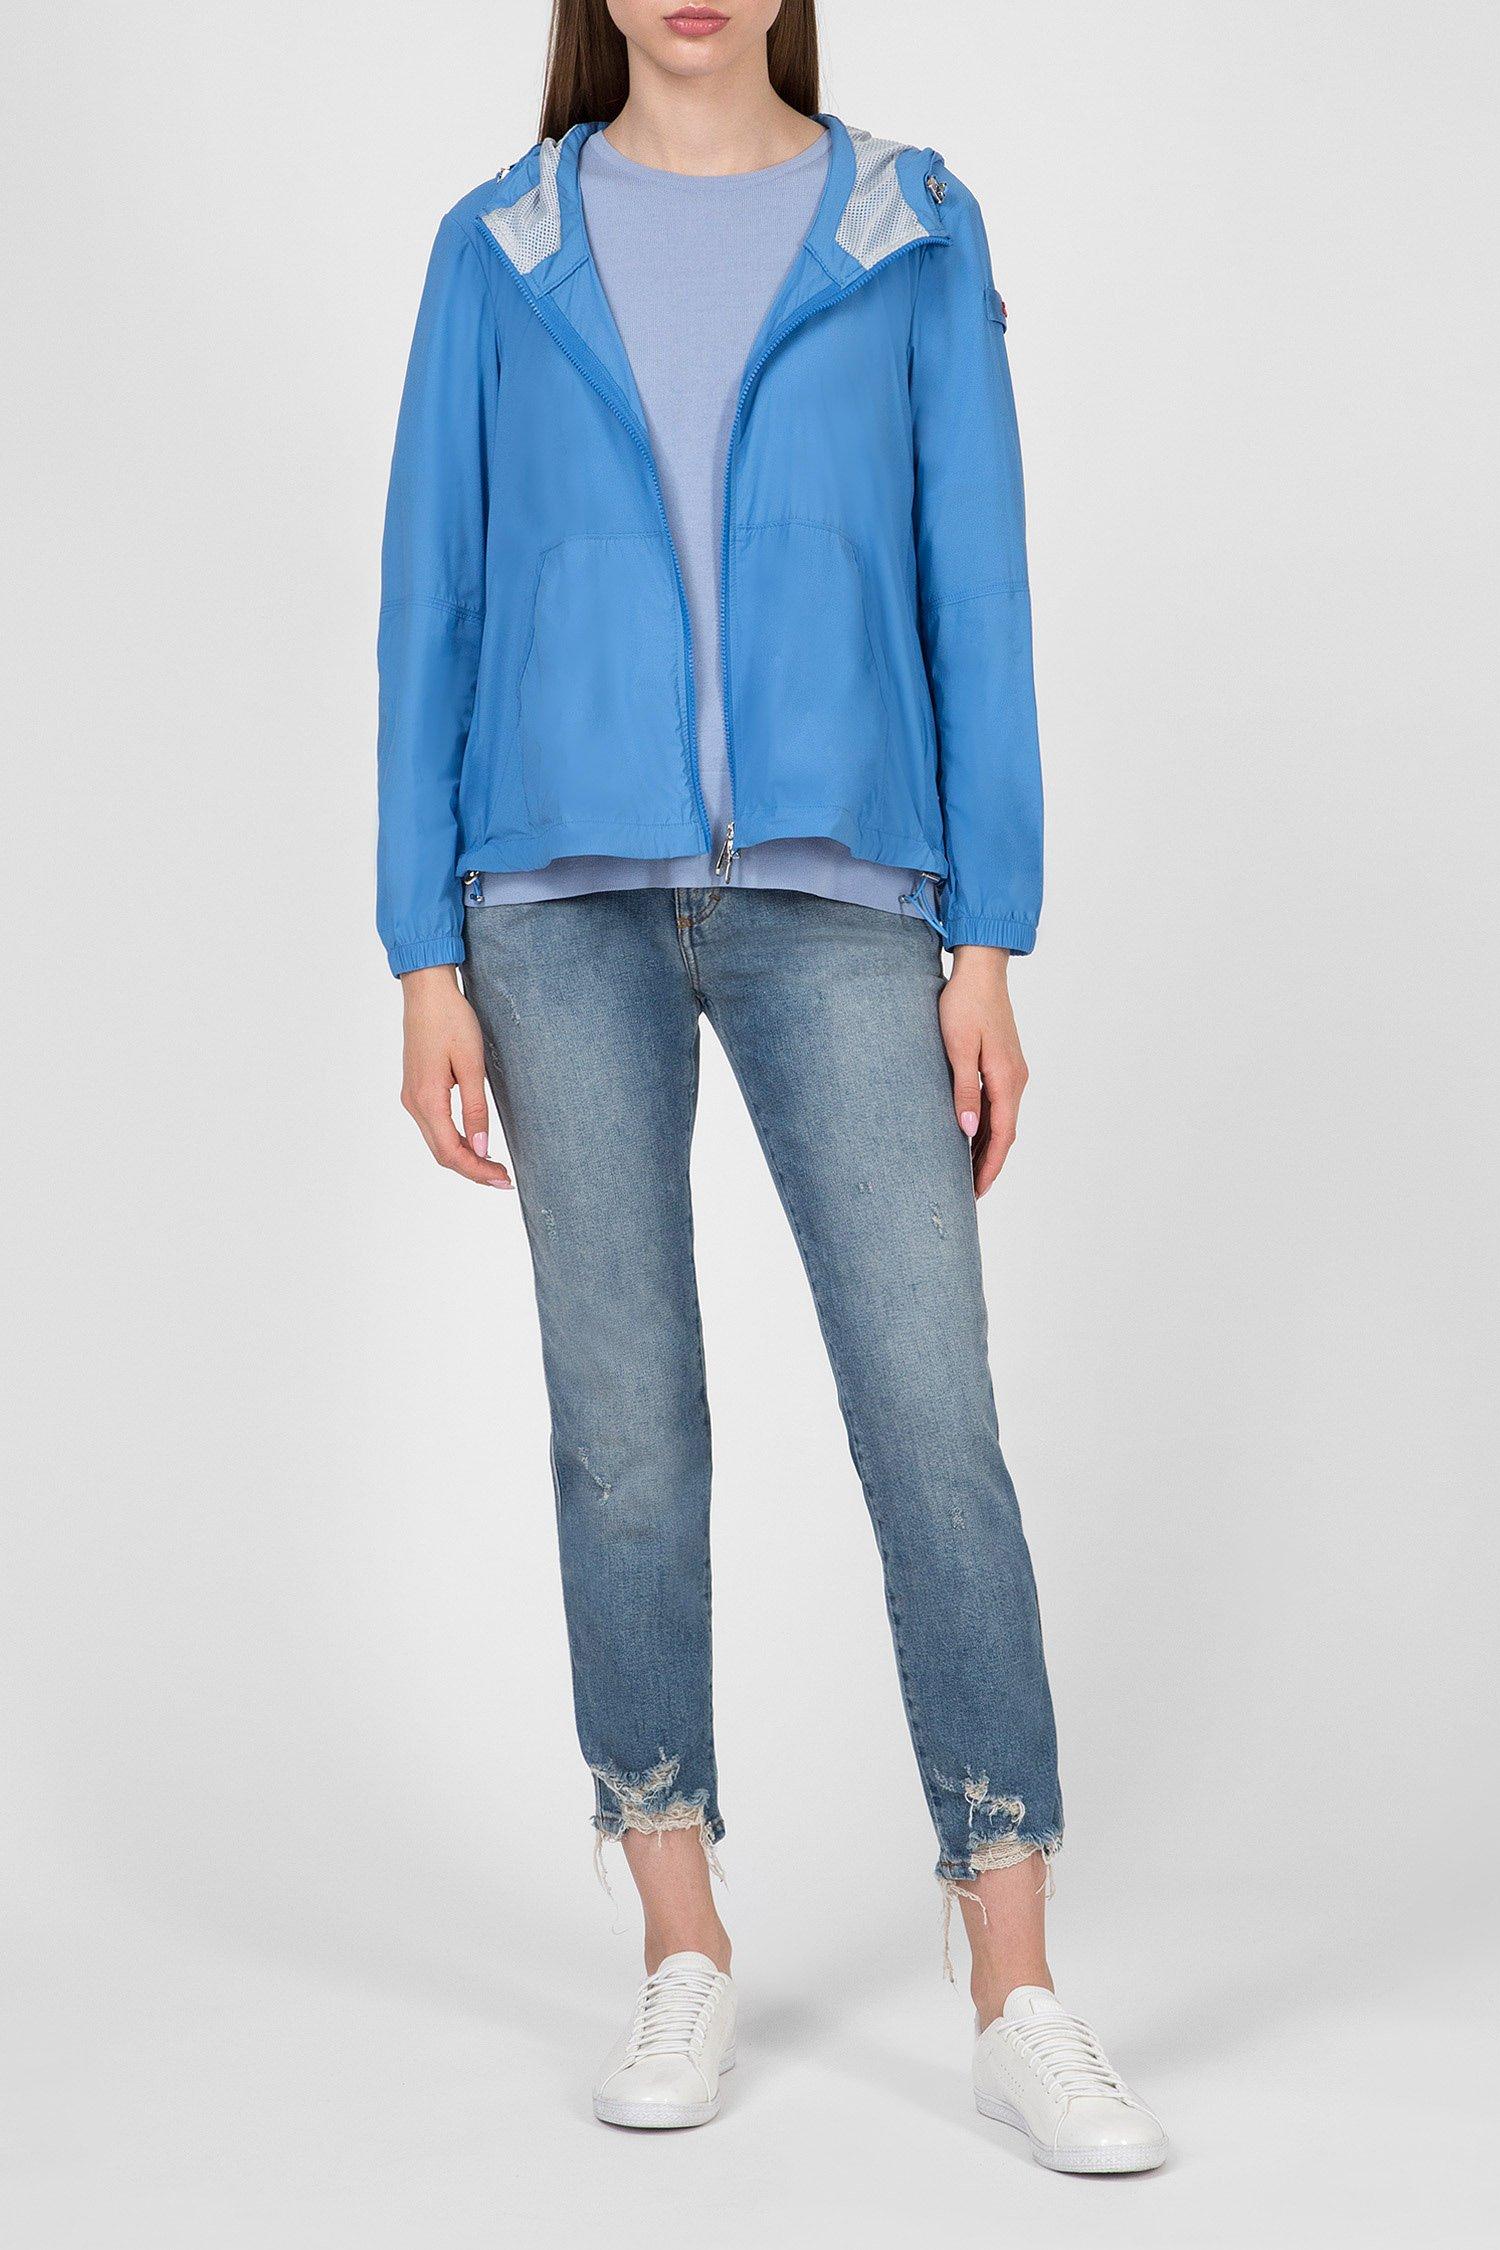 Купить Женская голубая ветровка Peuterey Peuterey PED3187-294 – Киев, Украина. Цены в интернет магазине MD Fashion